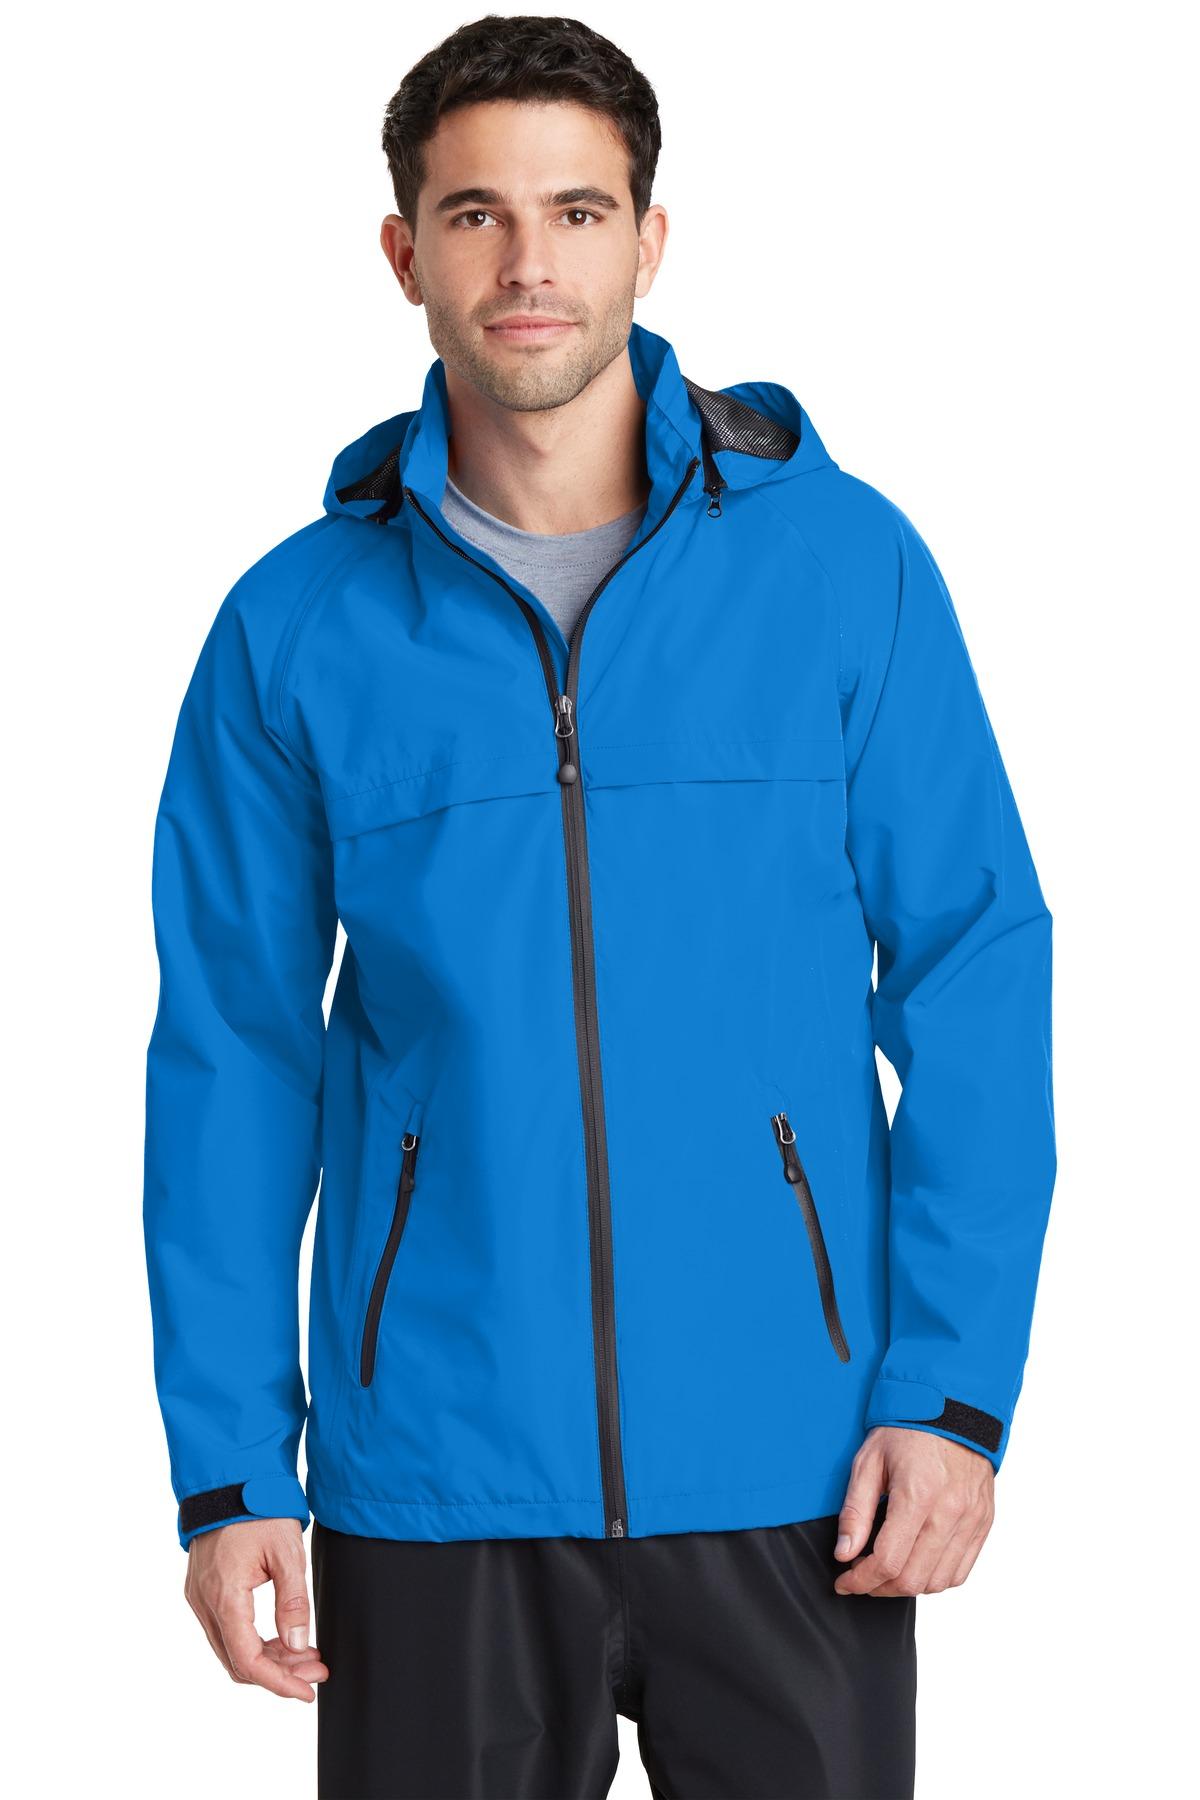 Port Authority  J333 - Torrent Waterproof Jacket